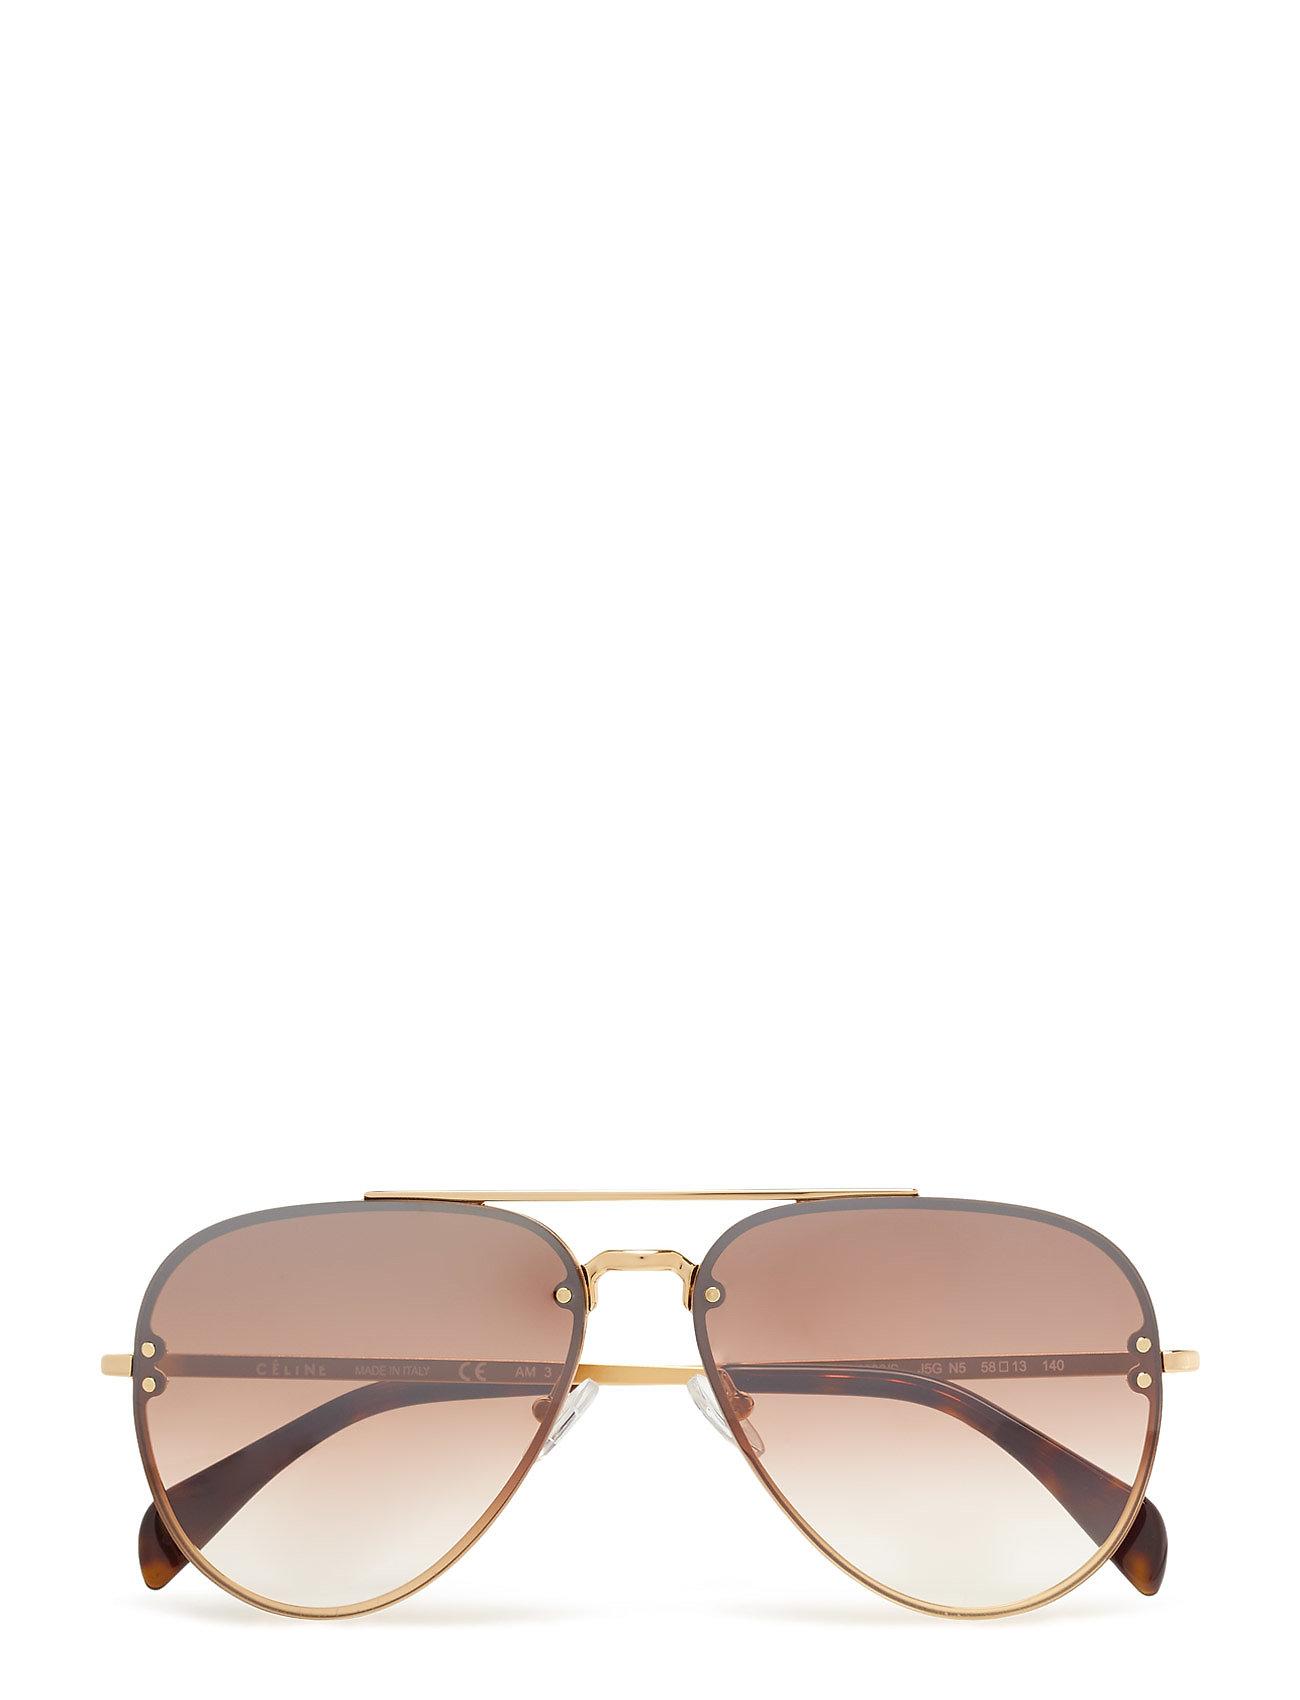 Cl 41392/S CELINE Sunglasses Solbriller til Damer i Guld